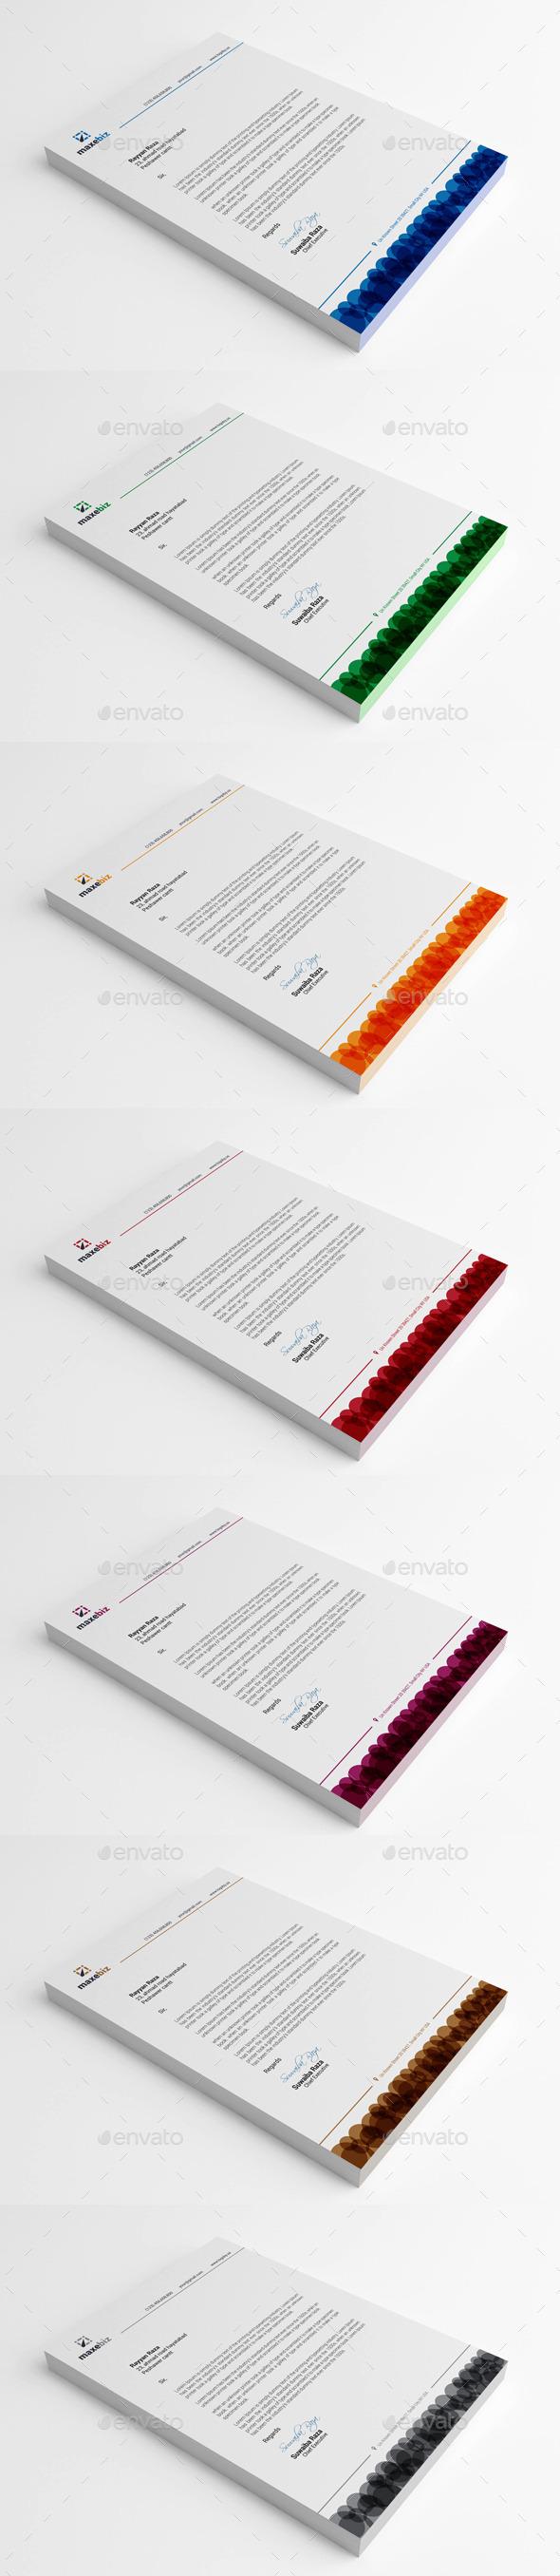 GraphicRiver Letterhead 11798211